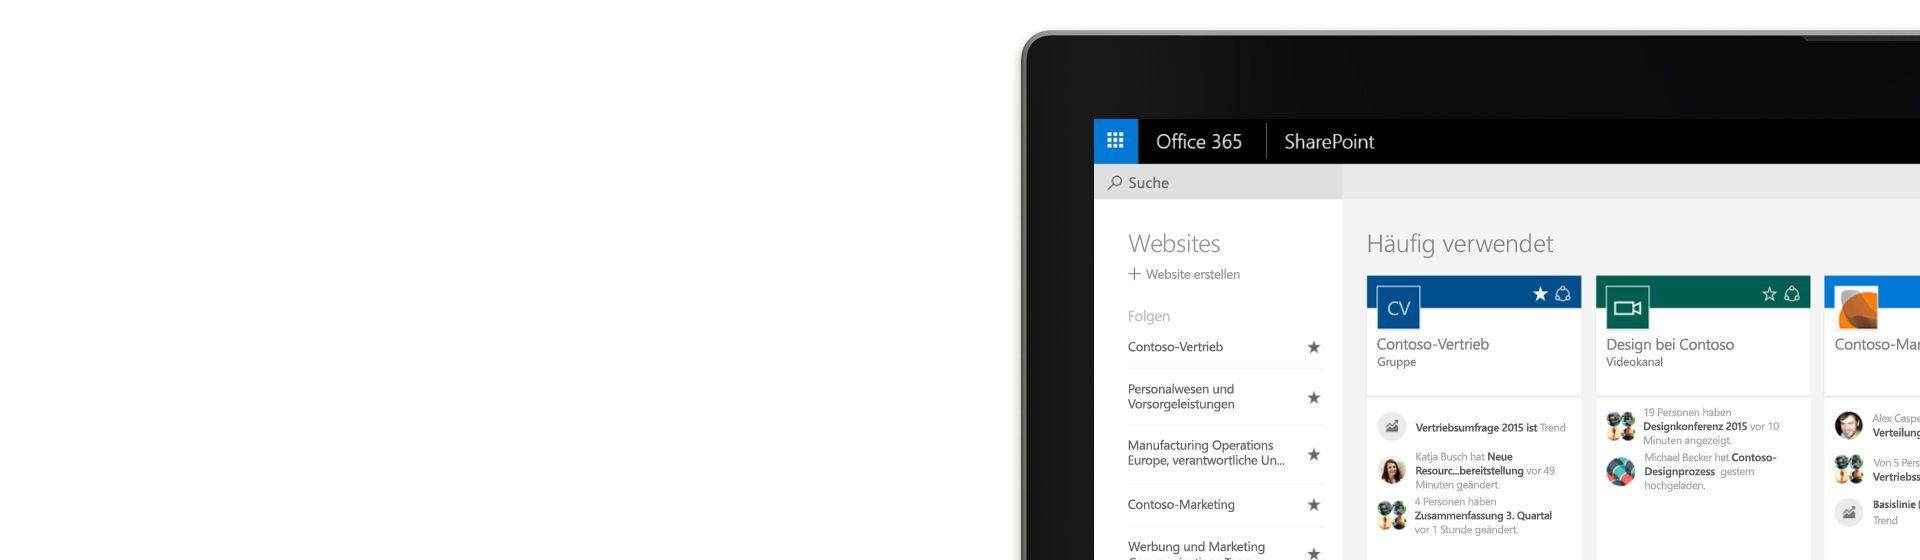 Abbildung: Ausschnitt eines Laptop-Bildschirms mit Office 365 SharePoint für Contoso